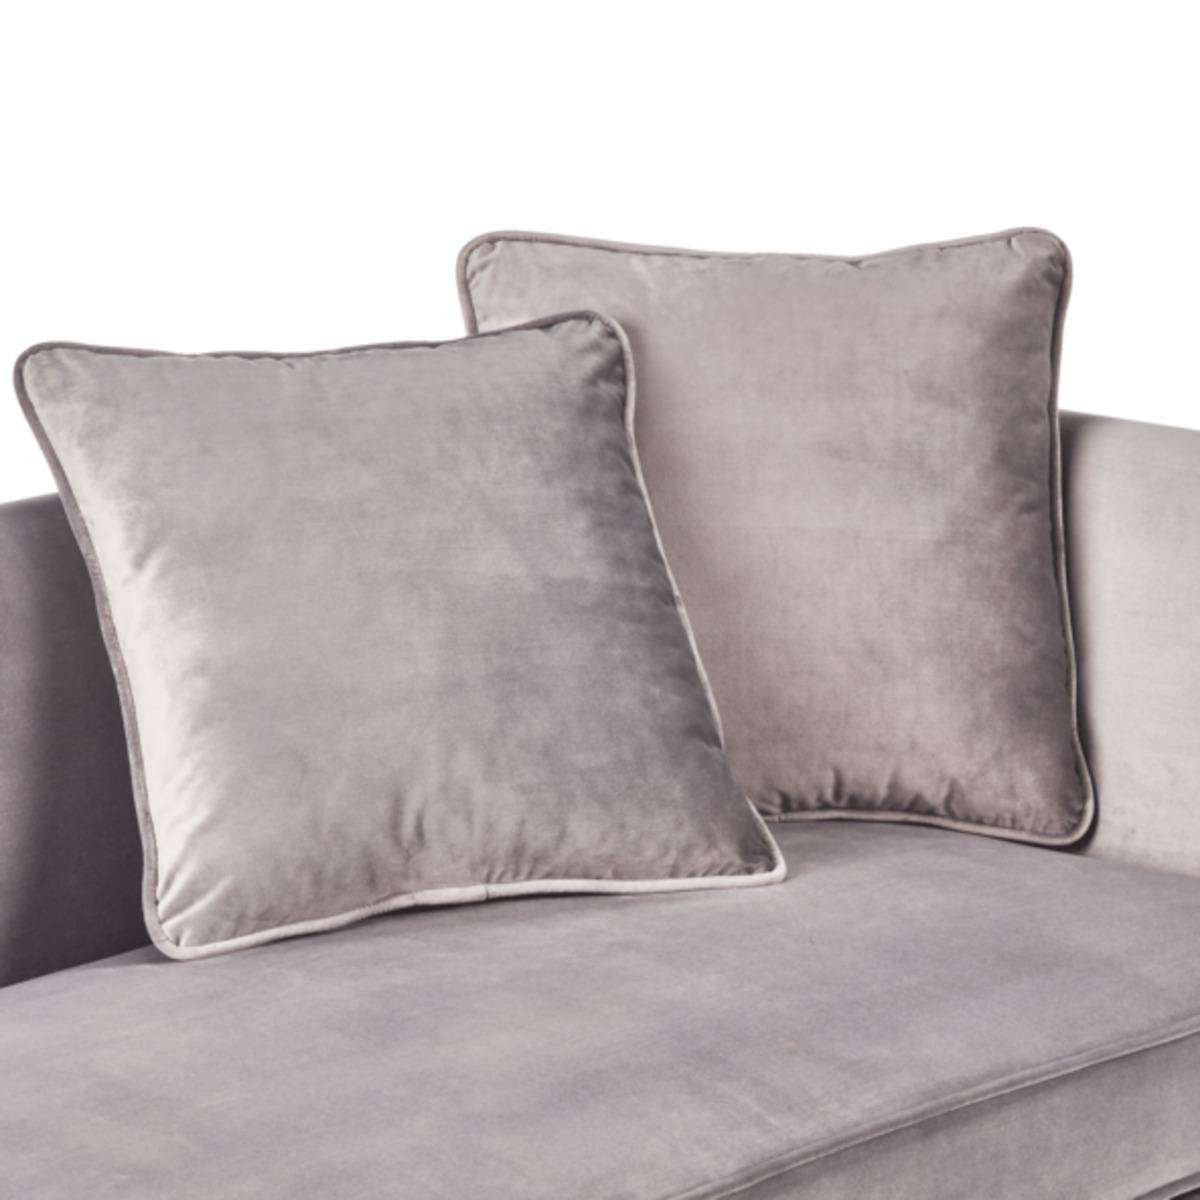 Bild 5 von Samt-Sofa im skandinavischen Stil, 2-Sitzer, grau